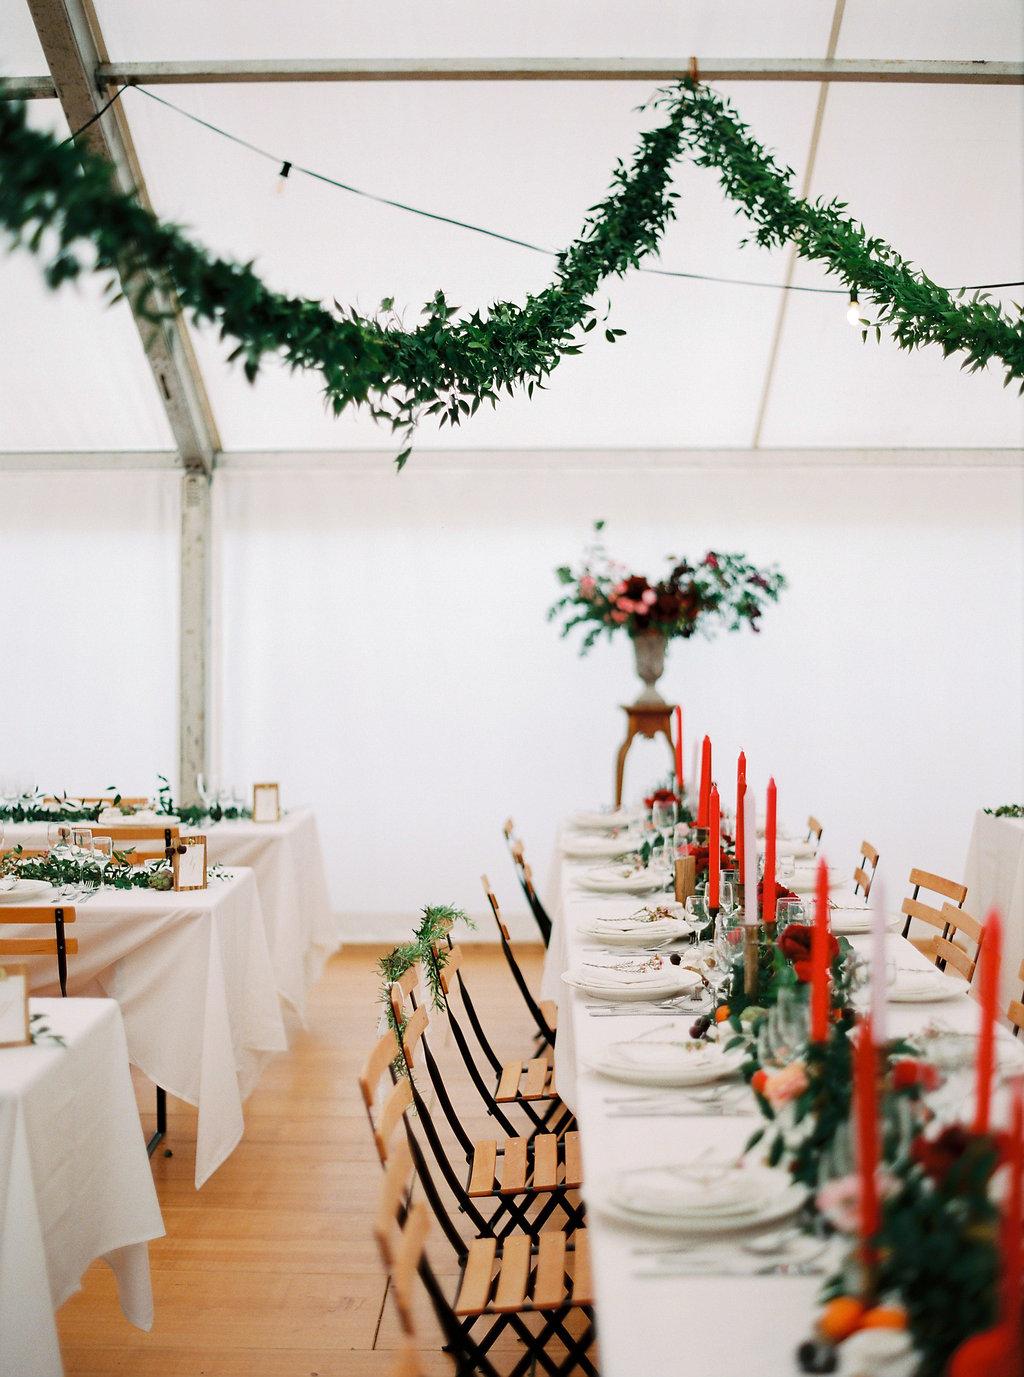 chateau_wedding_elsasebastien-159